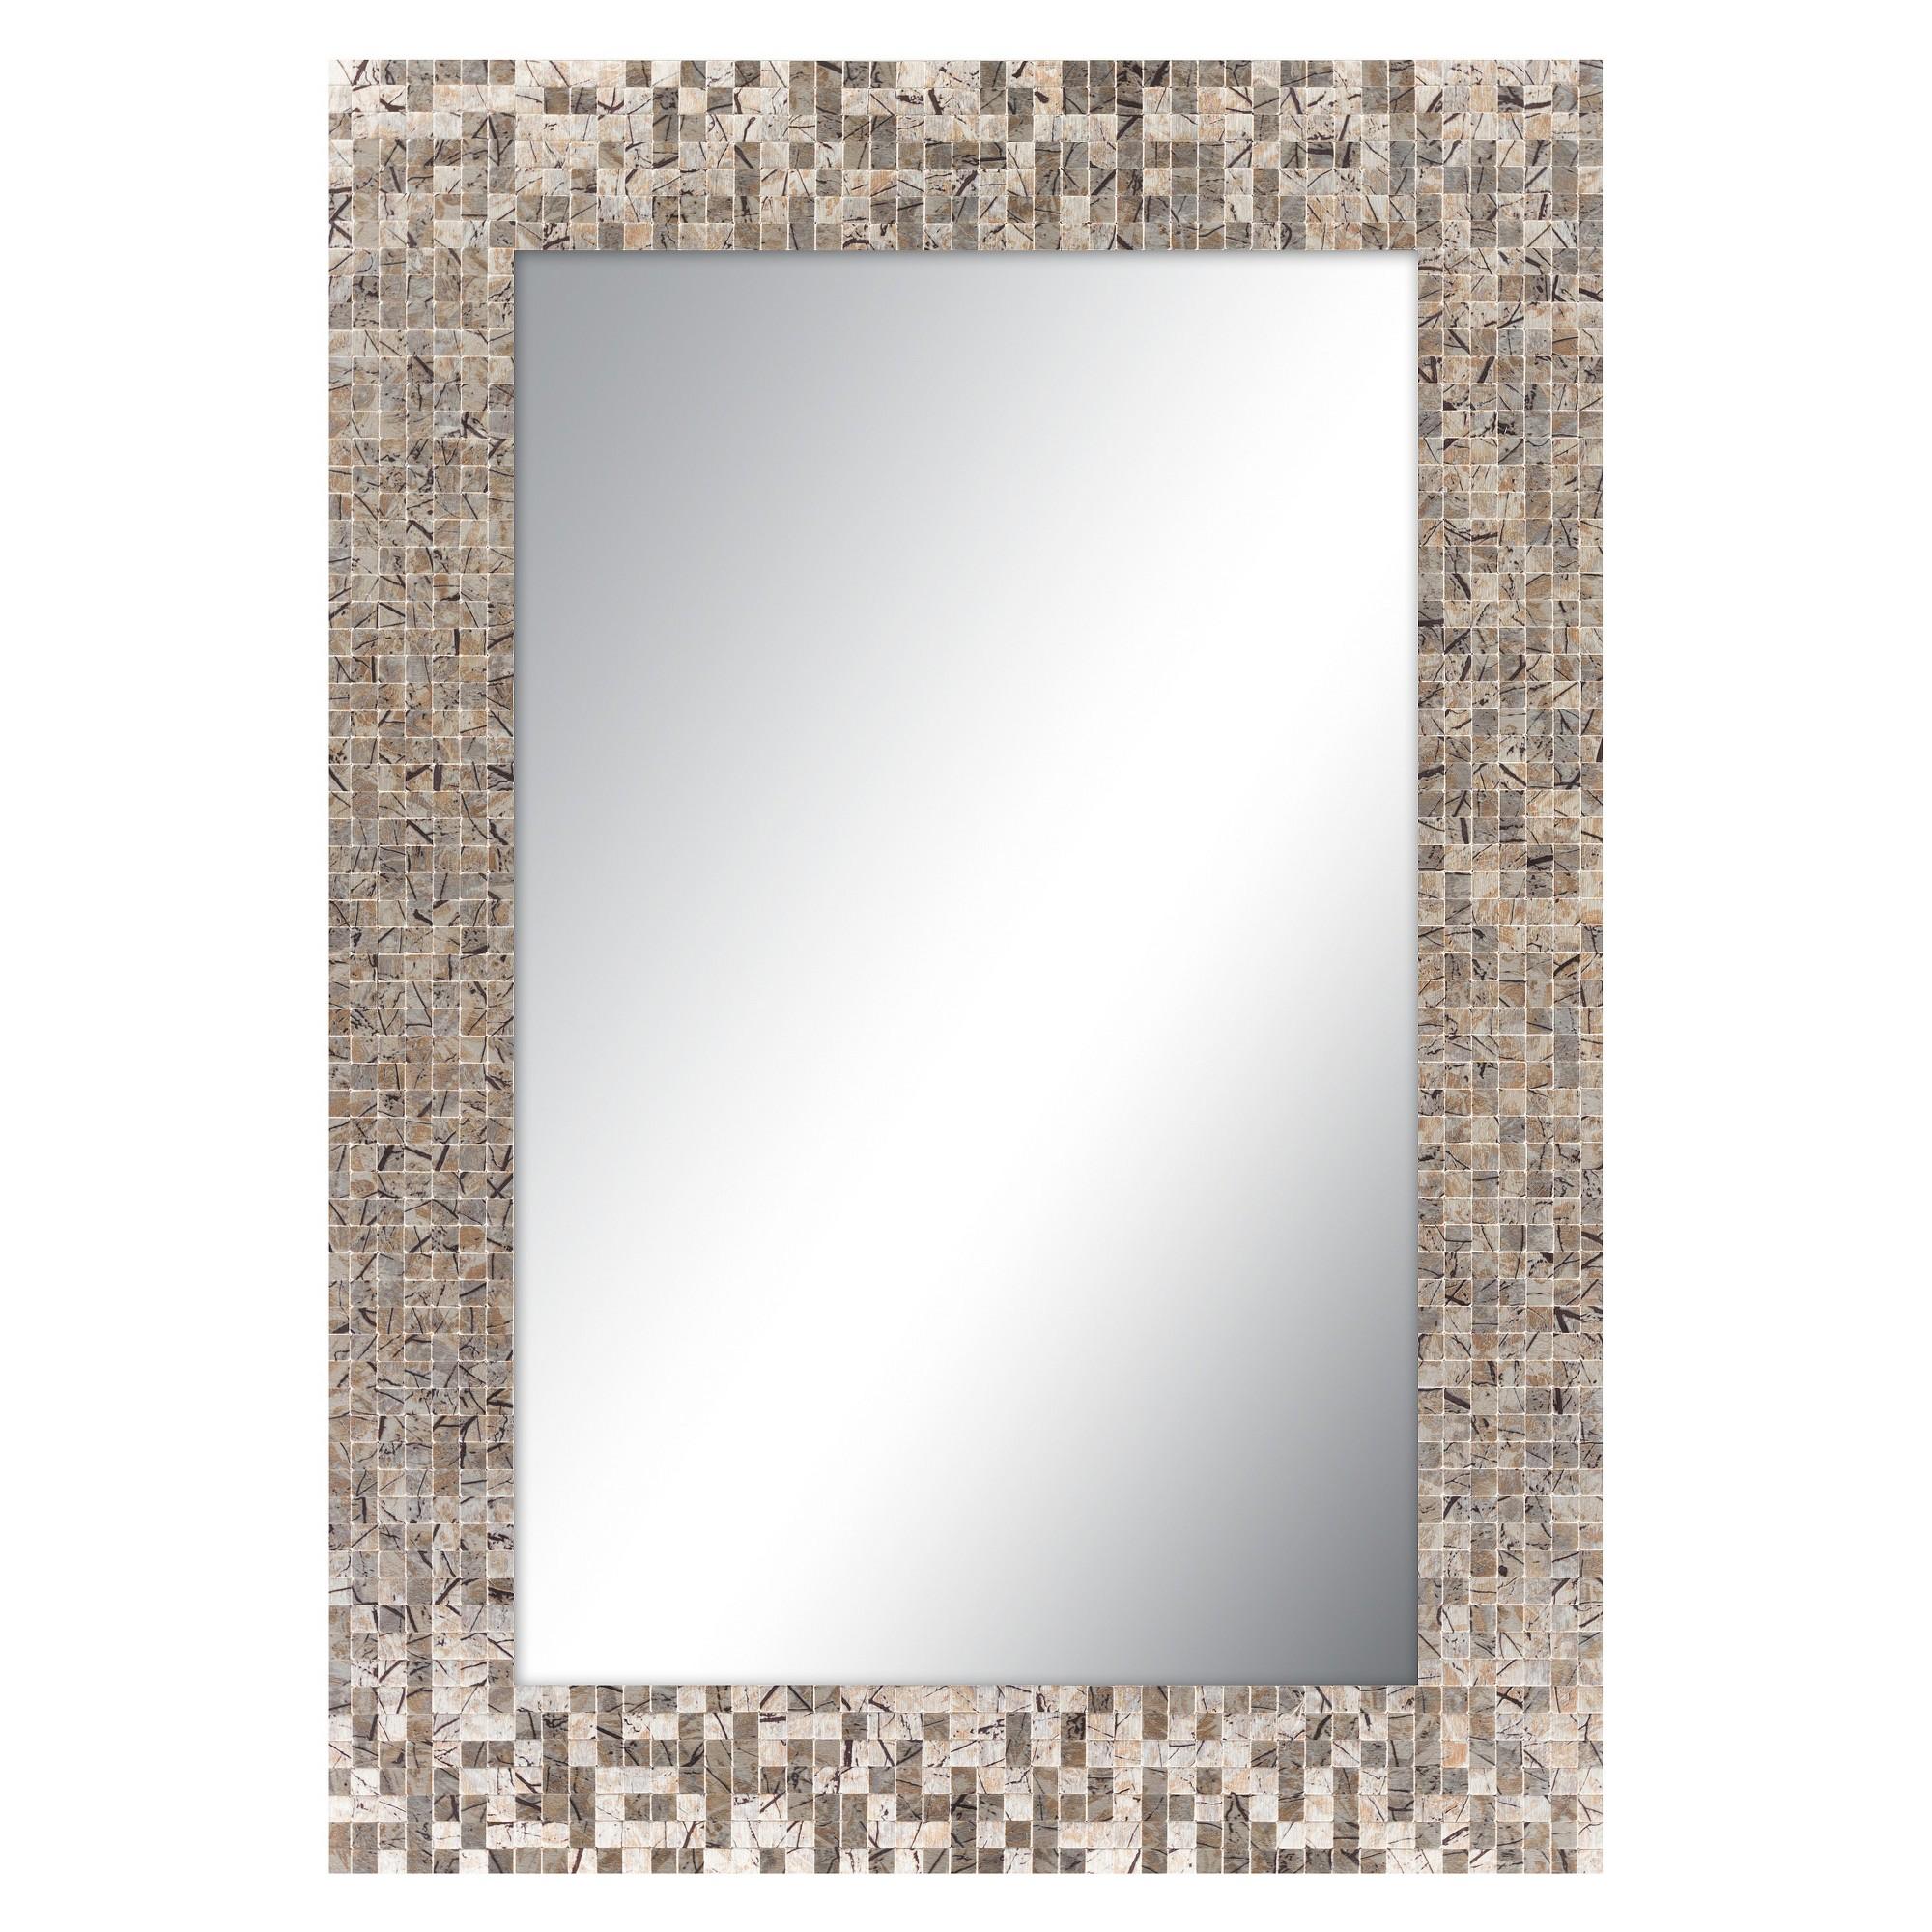 Puja zimmer fliesen modelle rectangle wylde decorative wall mirror copper brown  surya